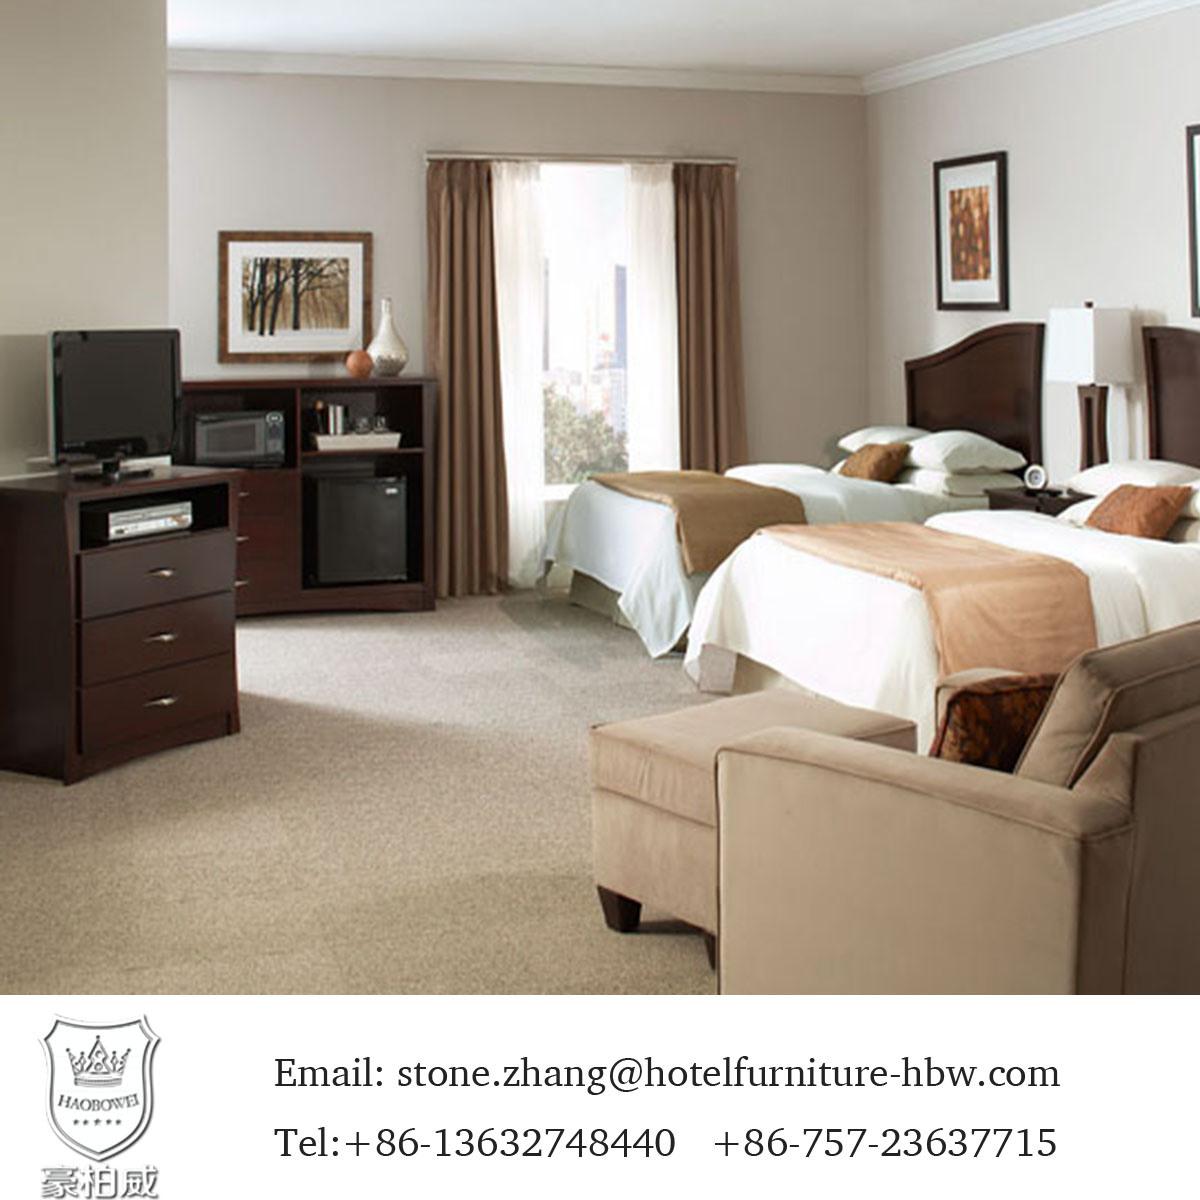 Foto De Cheap Hotel Antiguos Muebles De Dormitorio En Venta C10 En  # Muebles Hoteles Venta